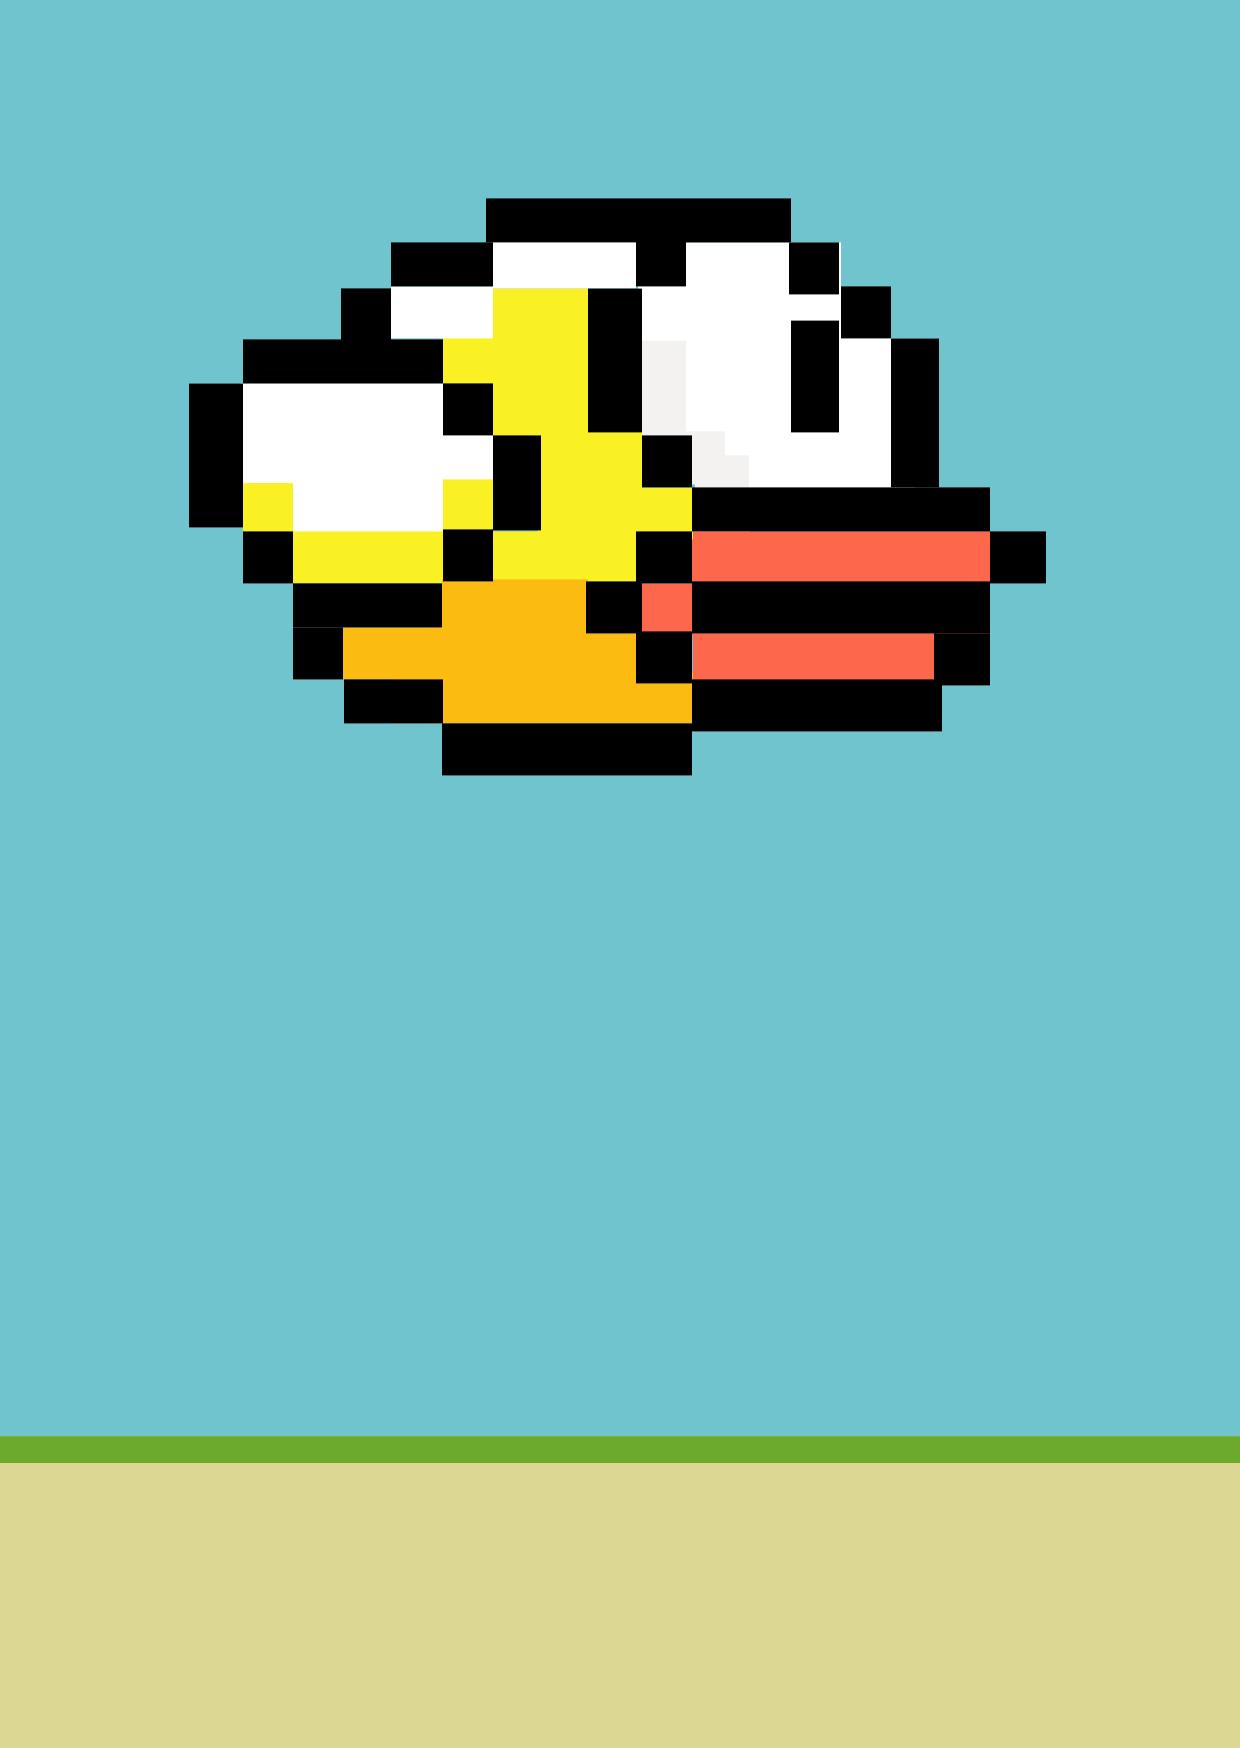 flappy bird14 flappy bird14